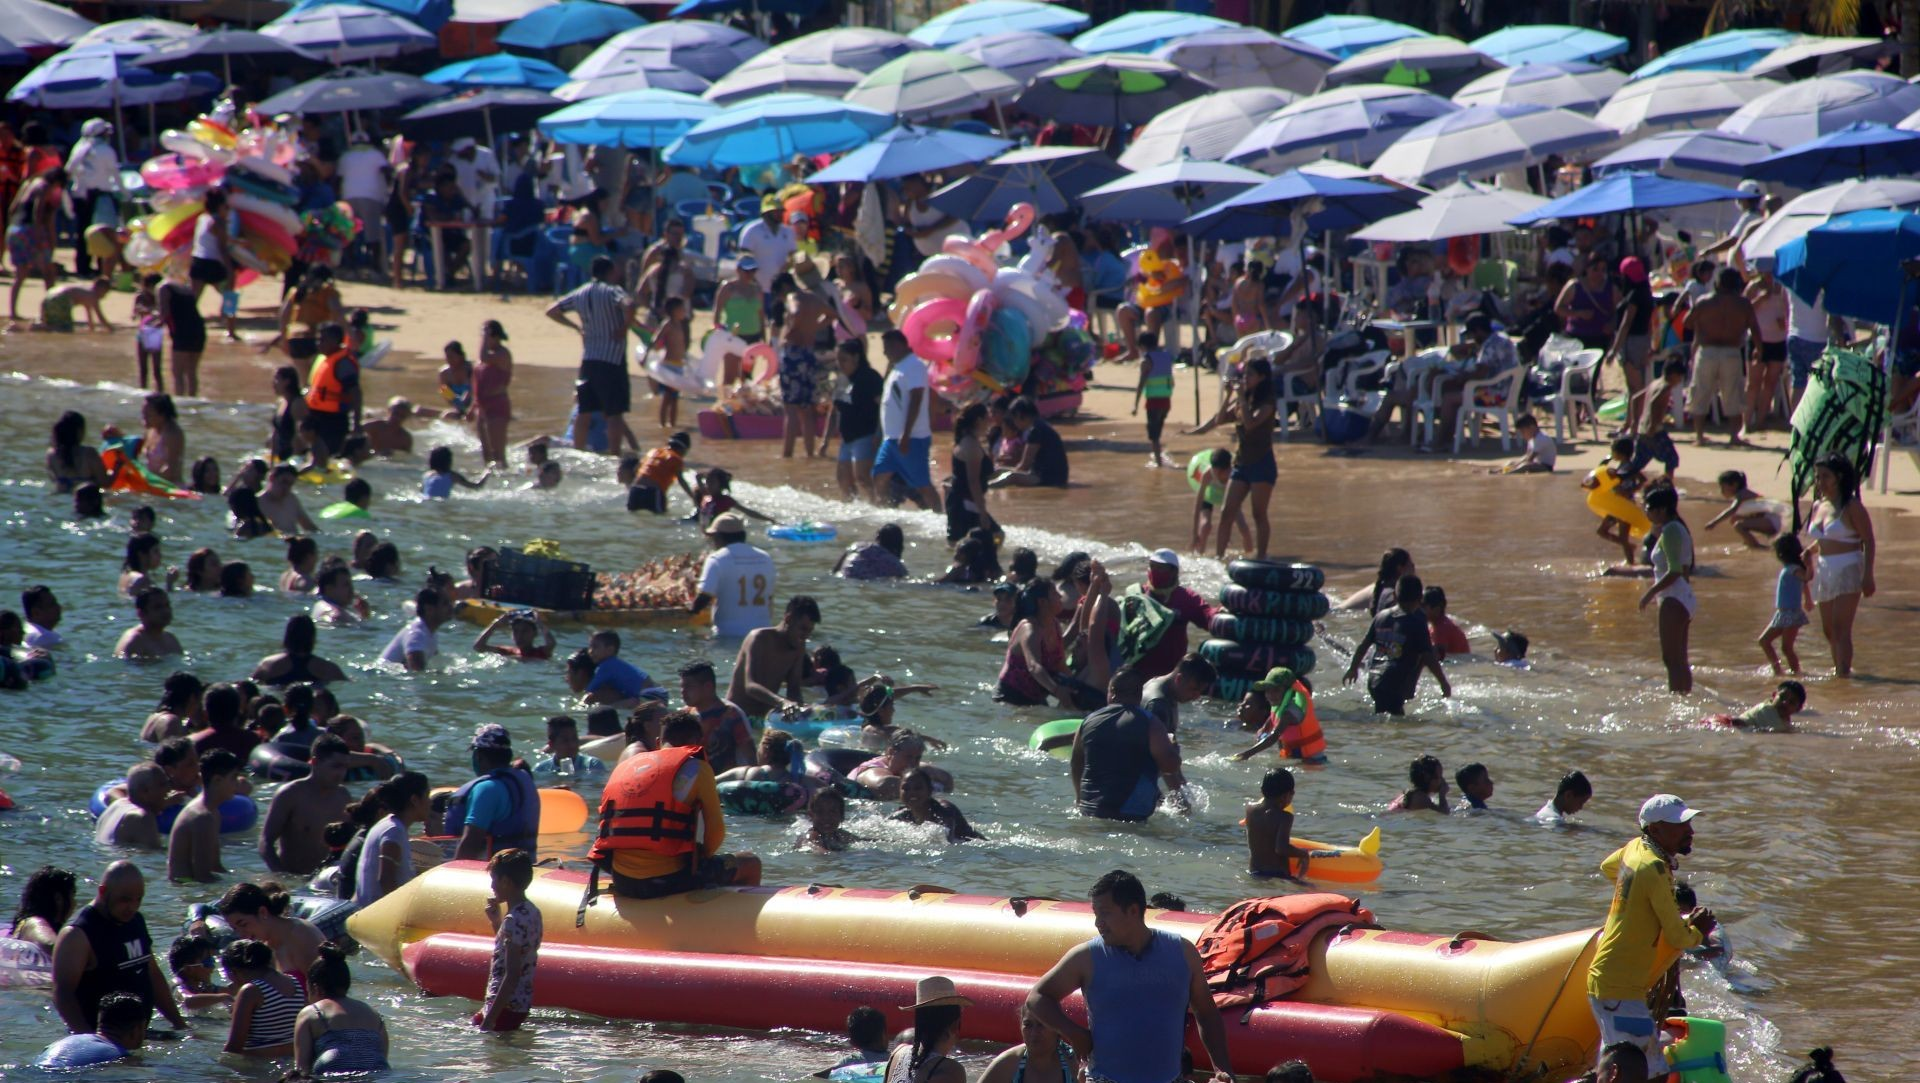 Turismo internacional en México repunta en plena pandemia de COVID-19